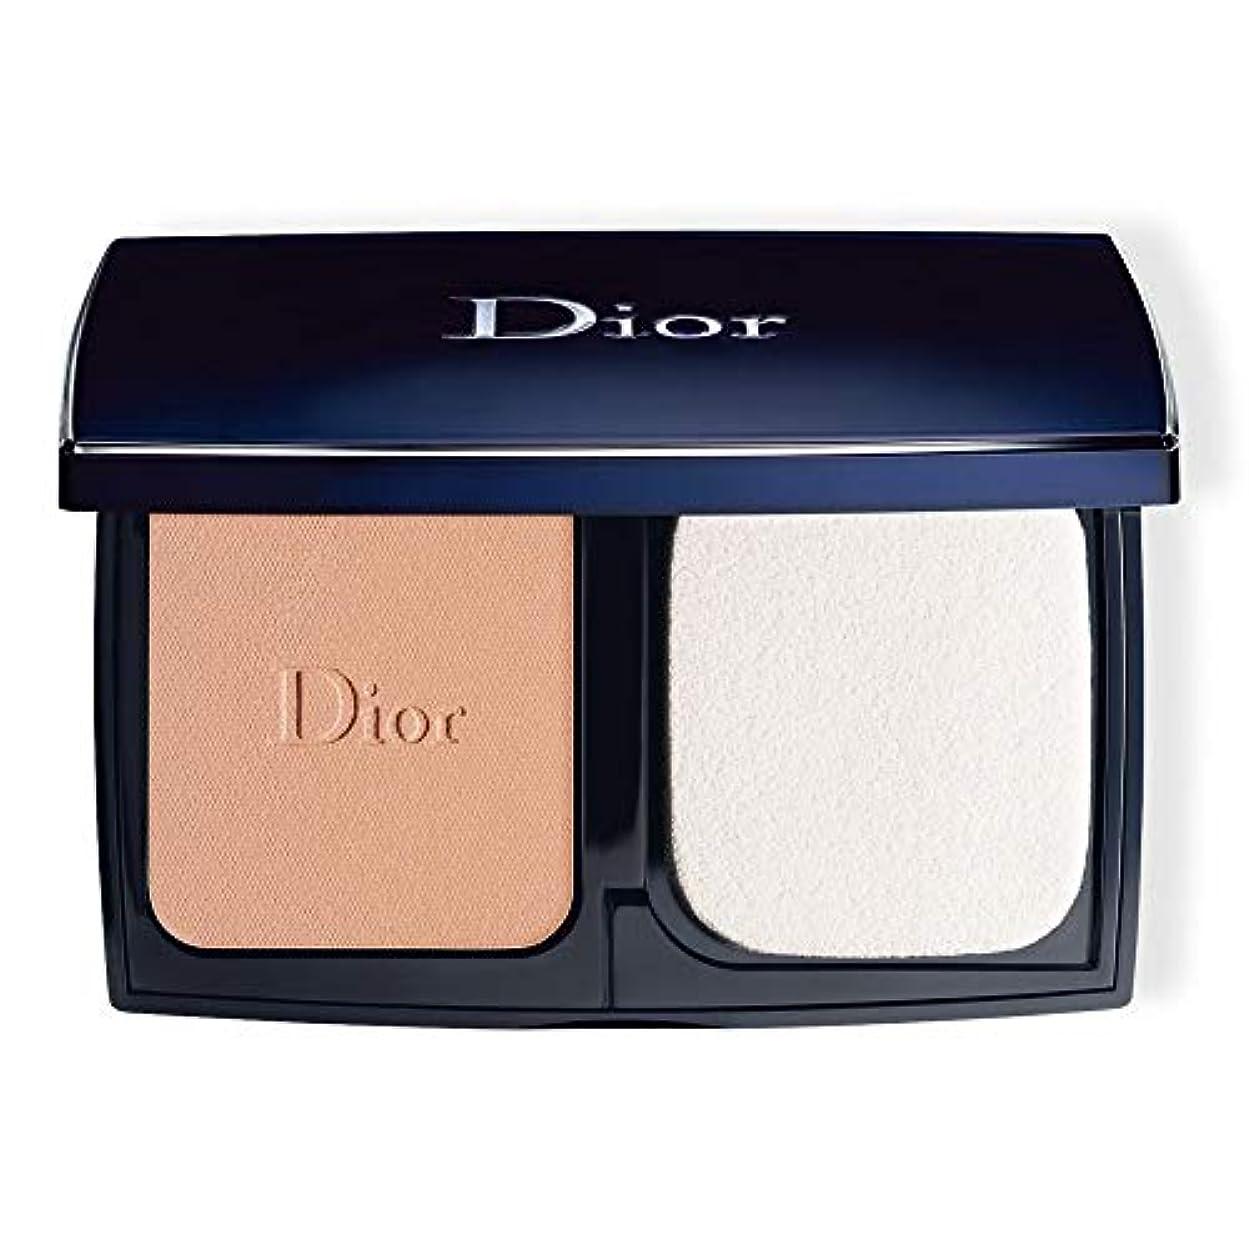 プール暖かさインカ帝国クリスチャンディオール Diorskin Forever Extreme Control Perfect Matte Powder Makeup SPF 20 - # 032 Rosy Beige 9g/0.31oz並行輸入品